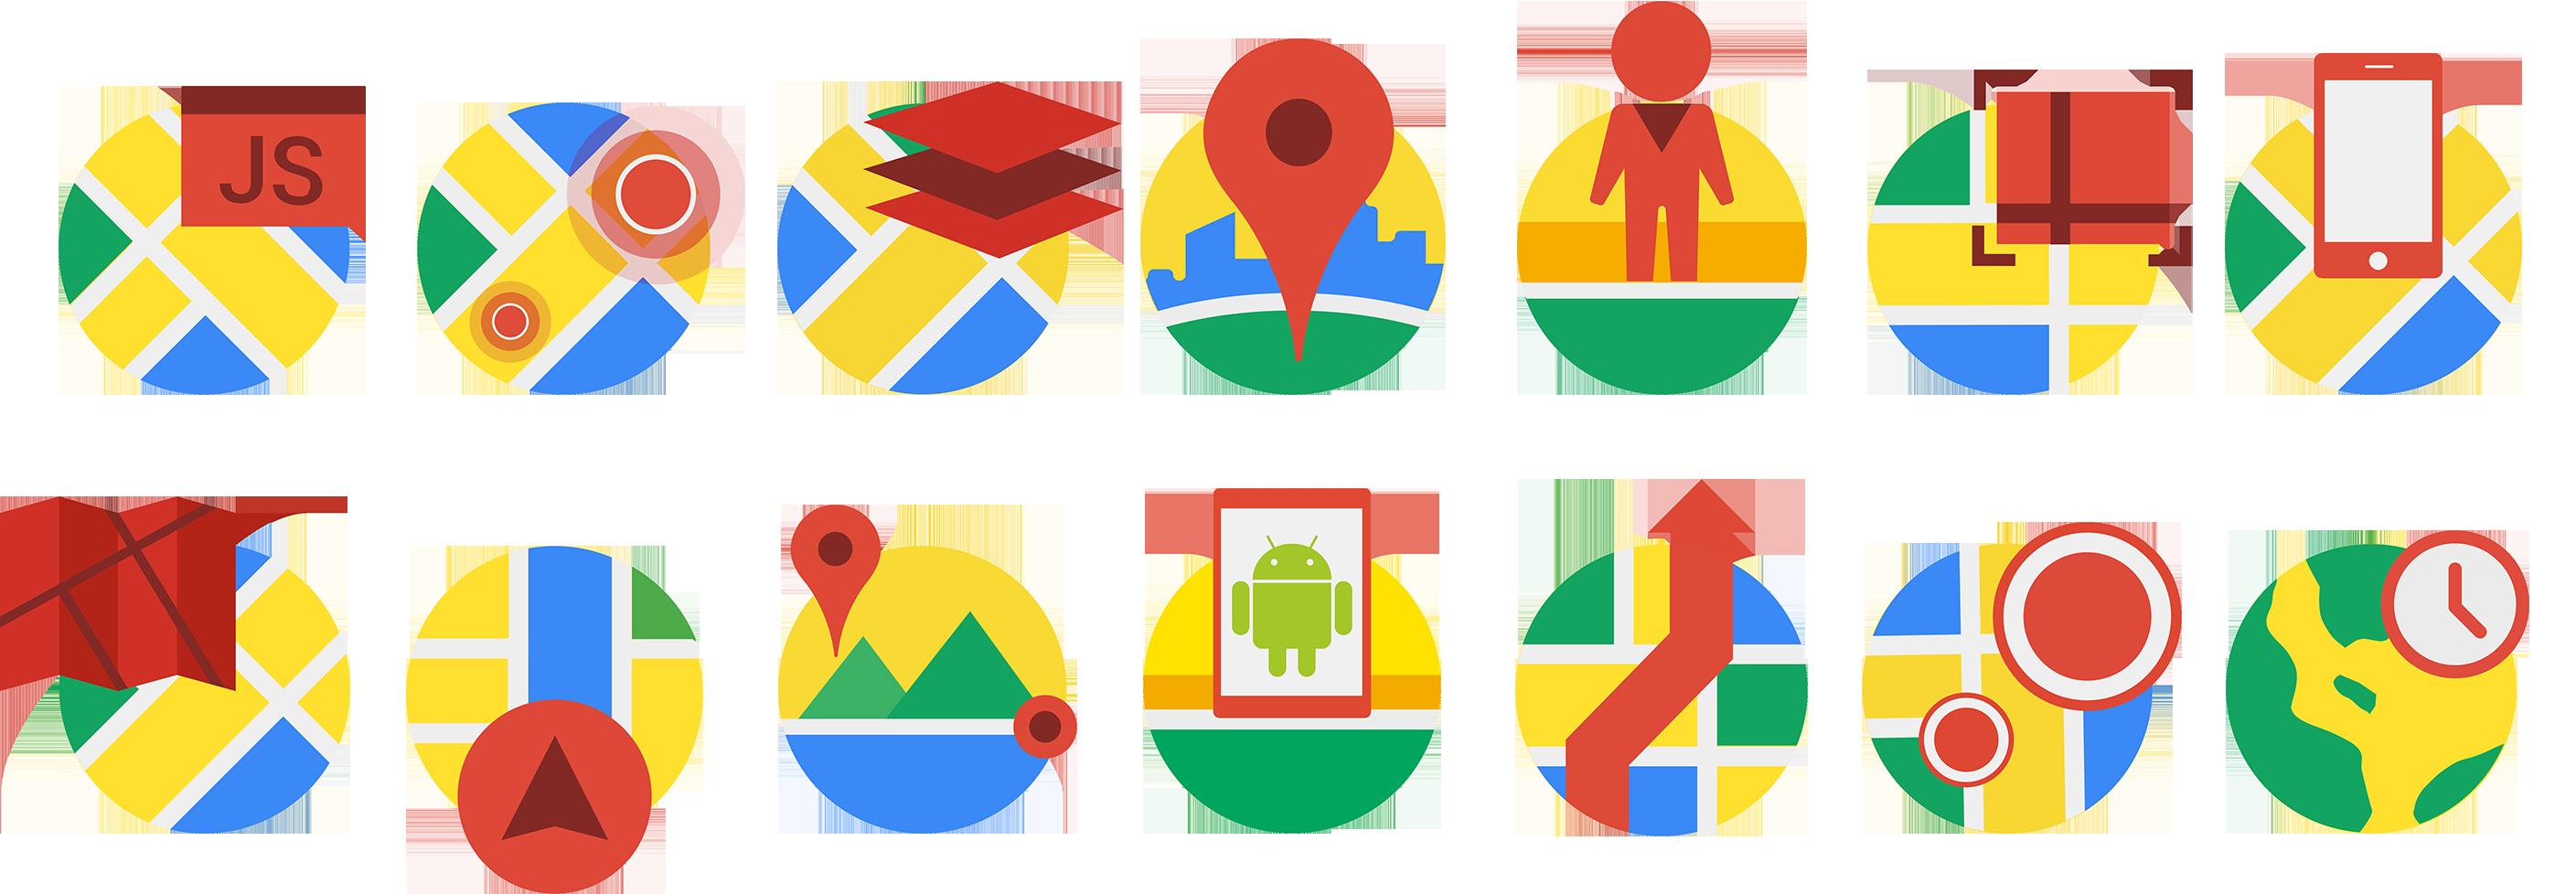 Google maps api clipart svg transparent library Maps-API-icon-list - Google Cloud Premier Partner | G Suite - Cloud ... svg transparent library